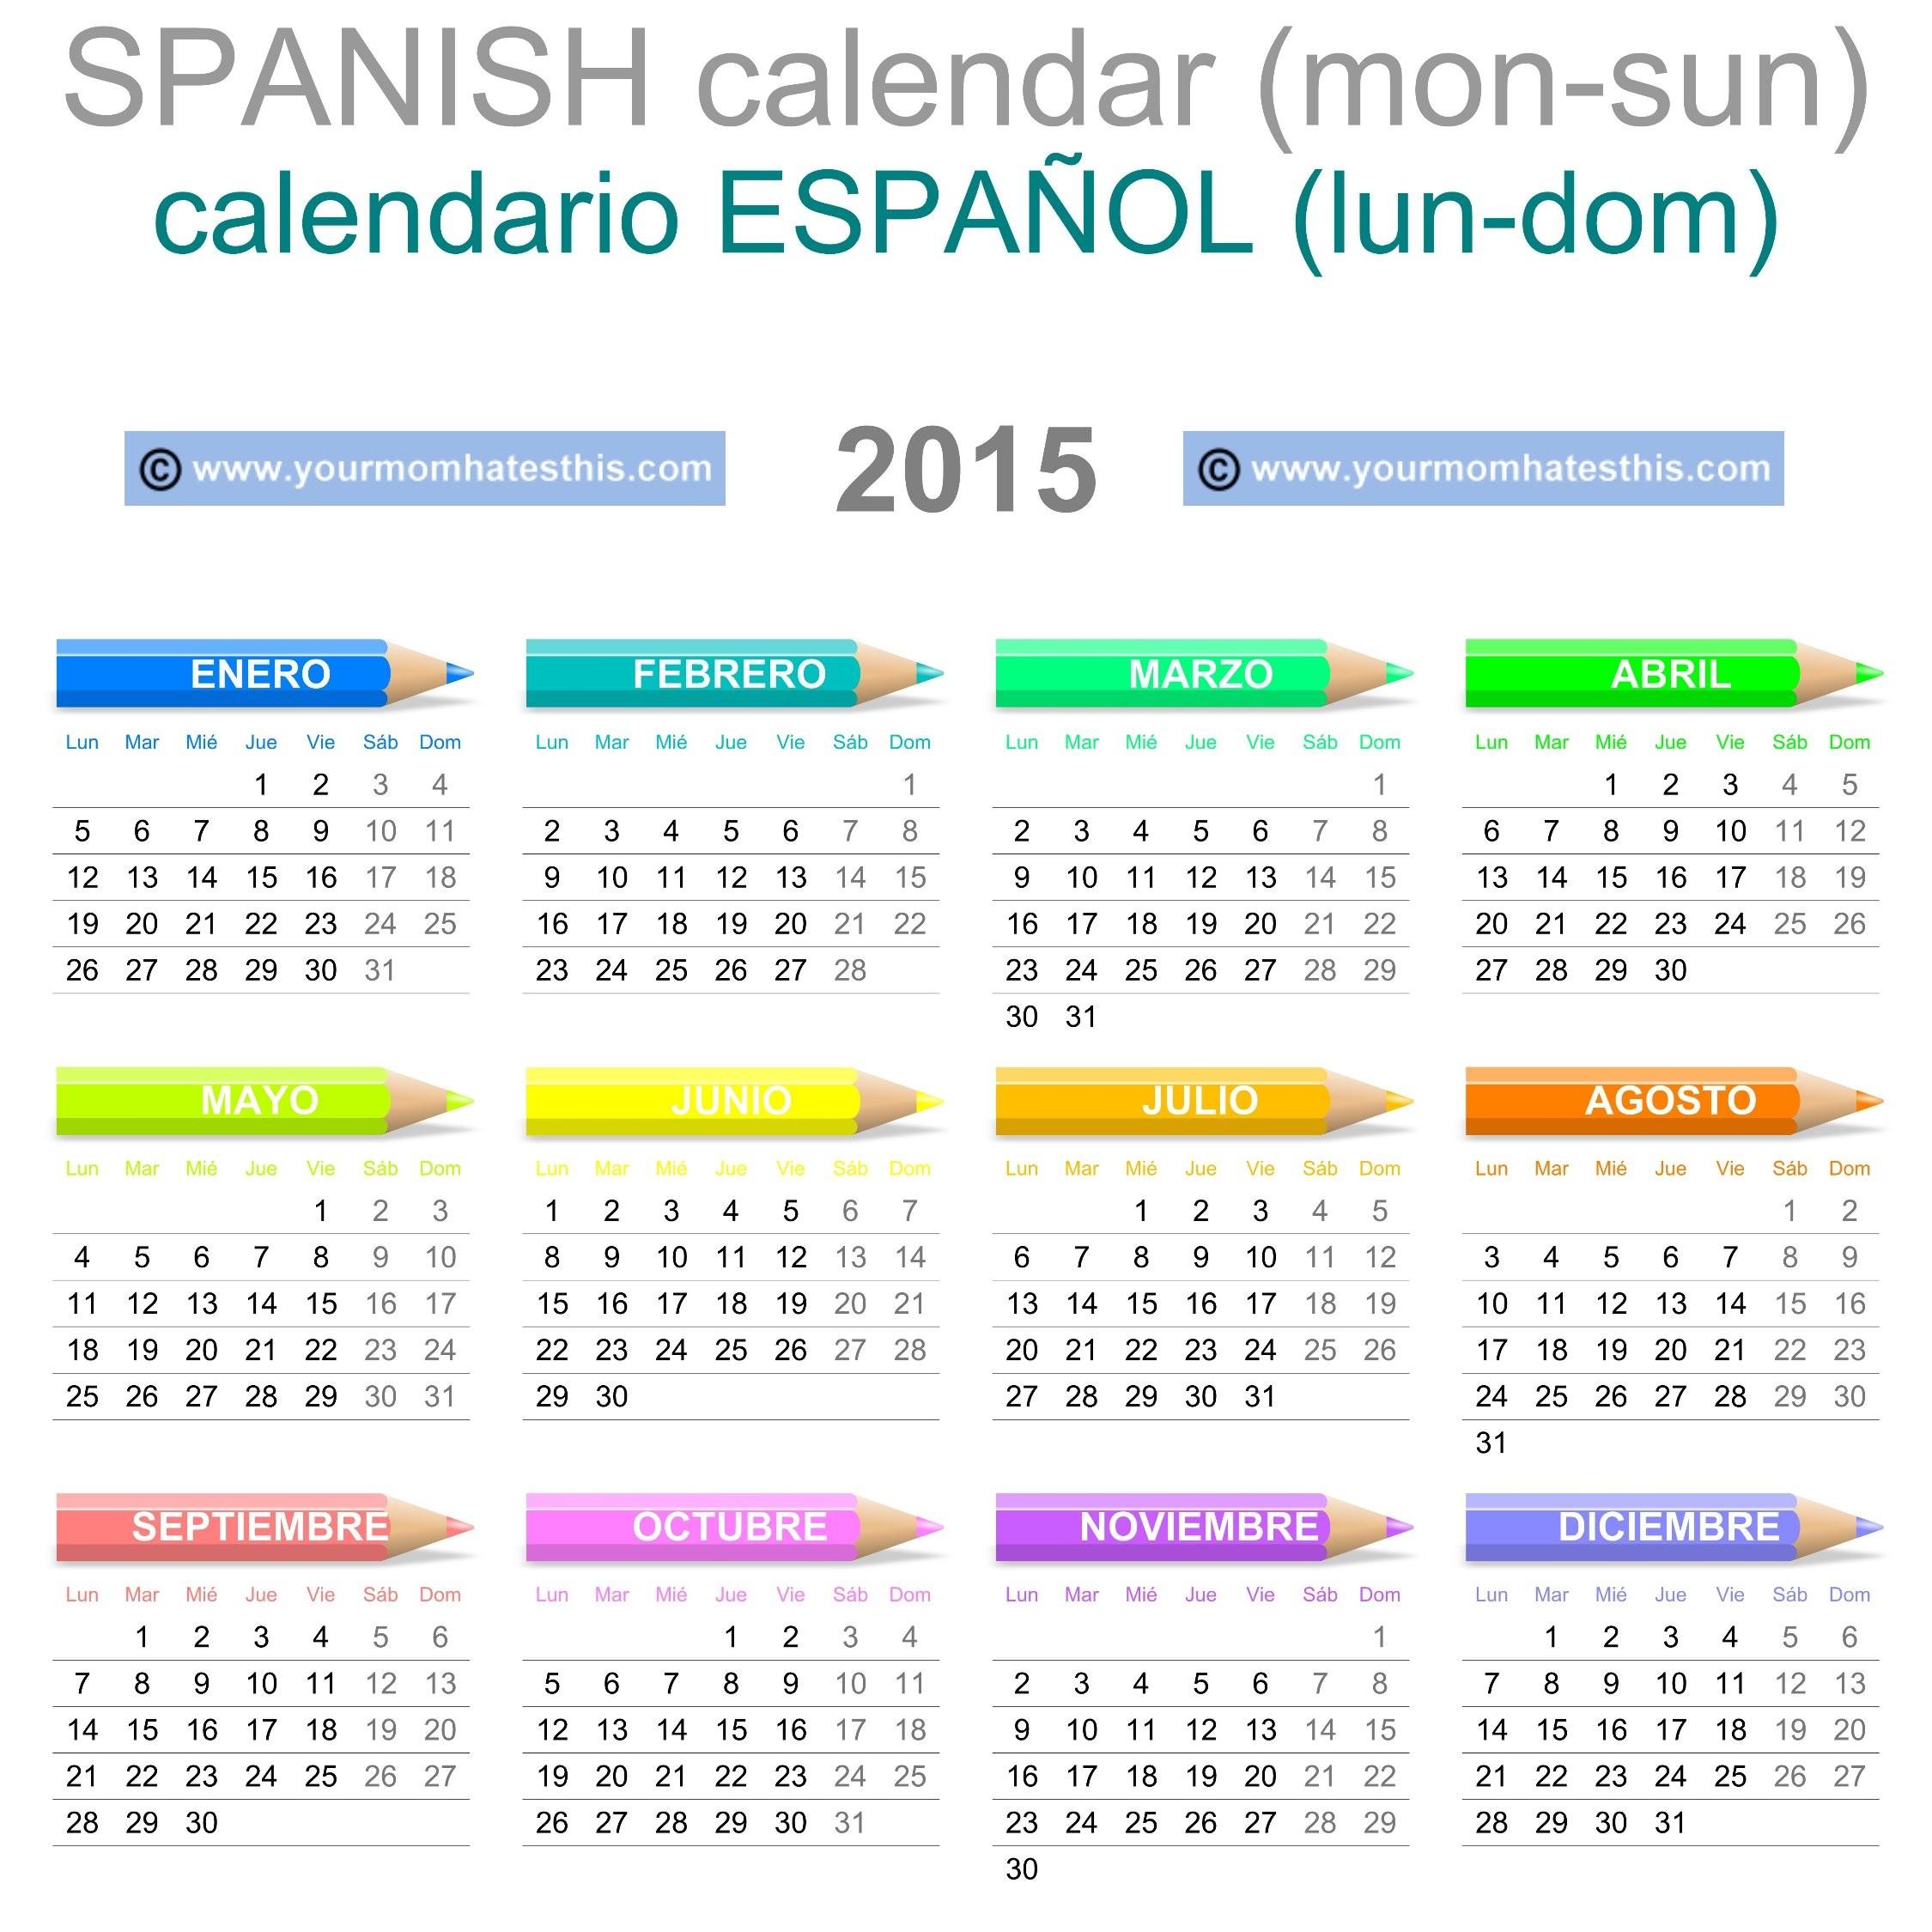 Cbtis 6 Calendario 2019 Más Actual Calendario Escolar 2018 2019 Ms De 100 Plantillas E Modern Of Cbtis 6 Calendario 2019 Actual Myke ⁓ top Ten Resultados Del Examen De La Vista